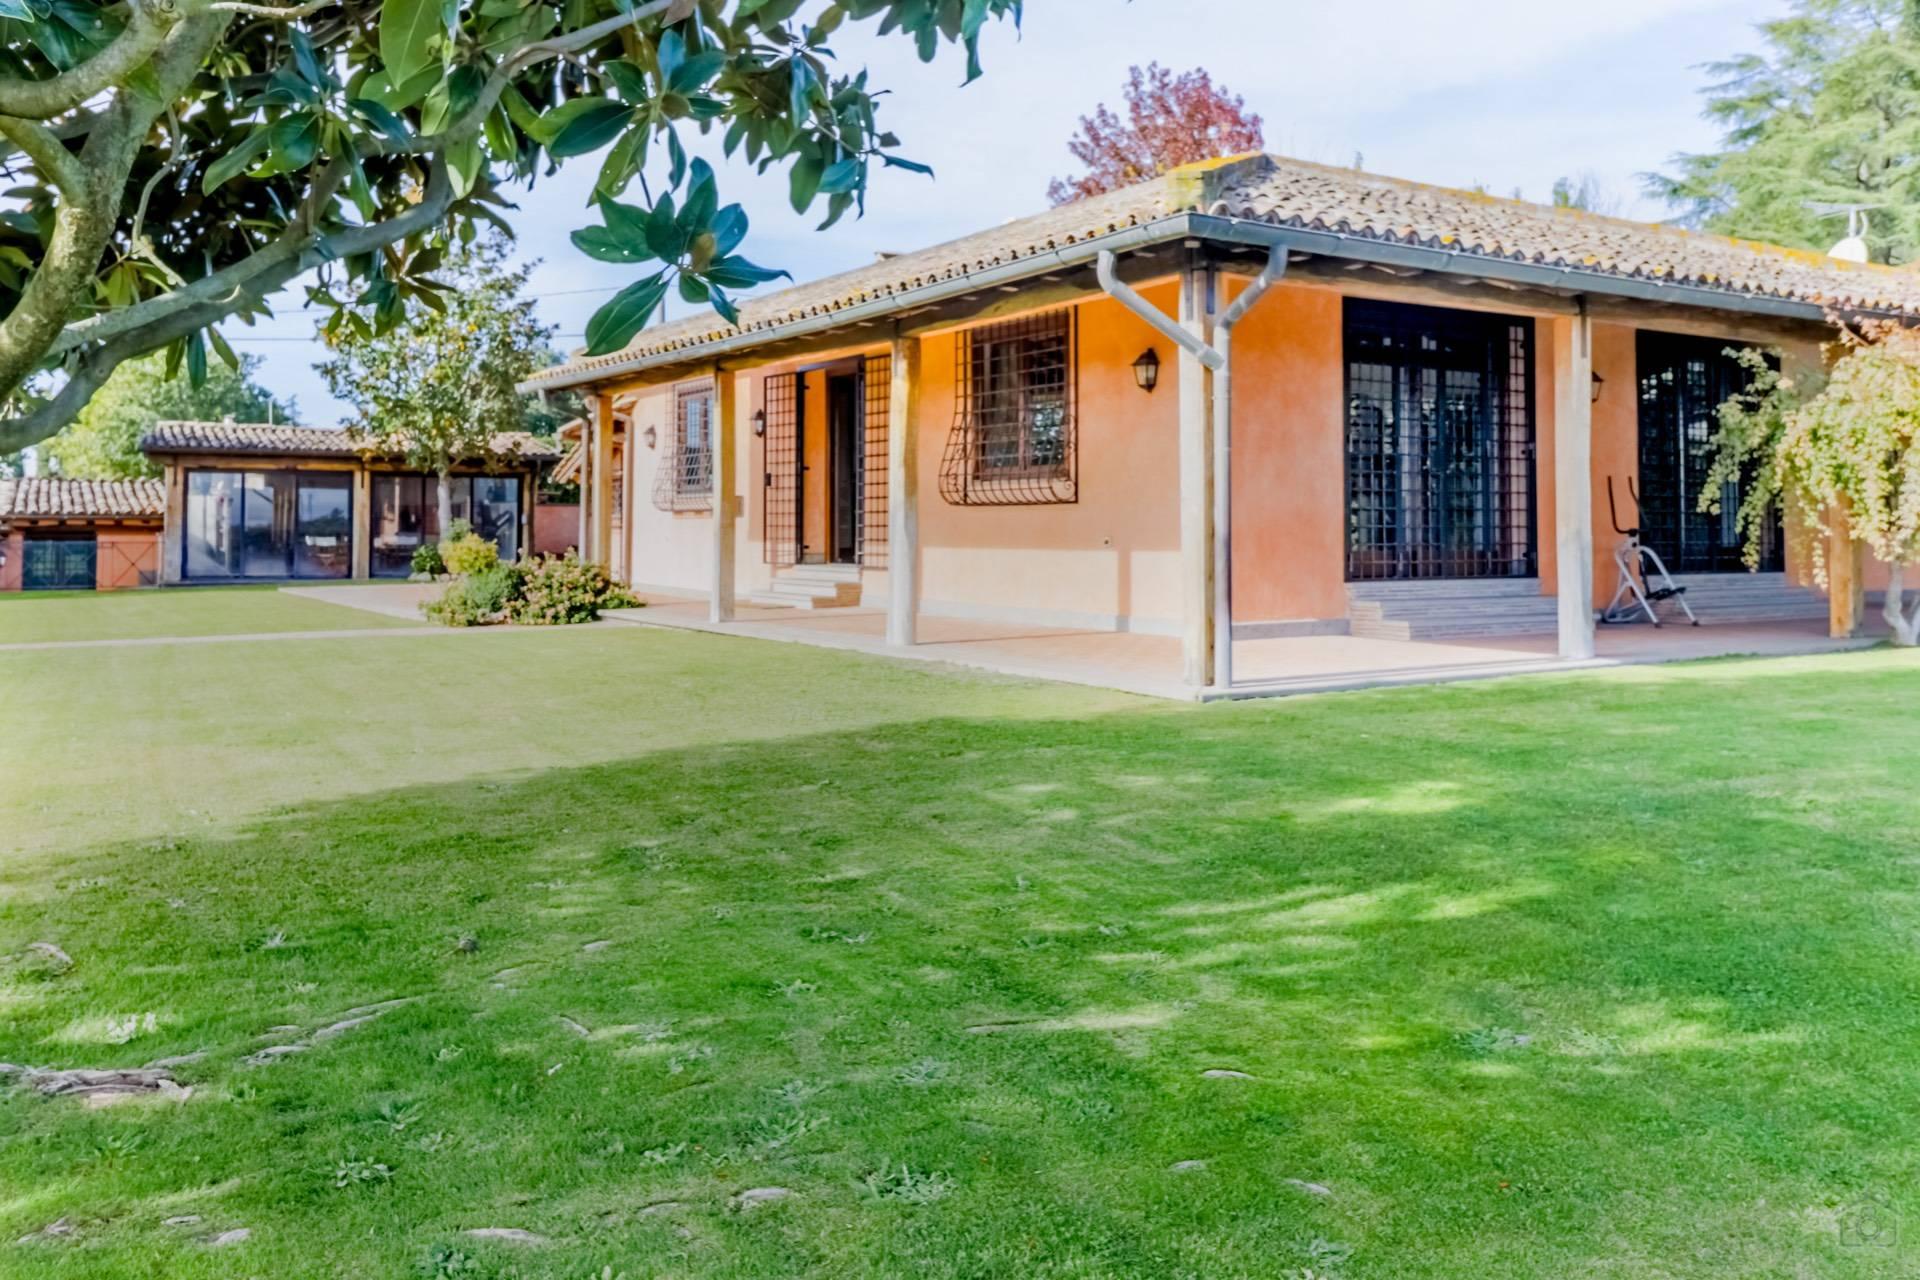 Villa in Vendita a Sacrofano: 5 locali, 180 mq - Foto 20